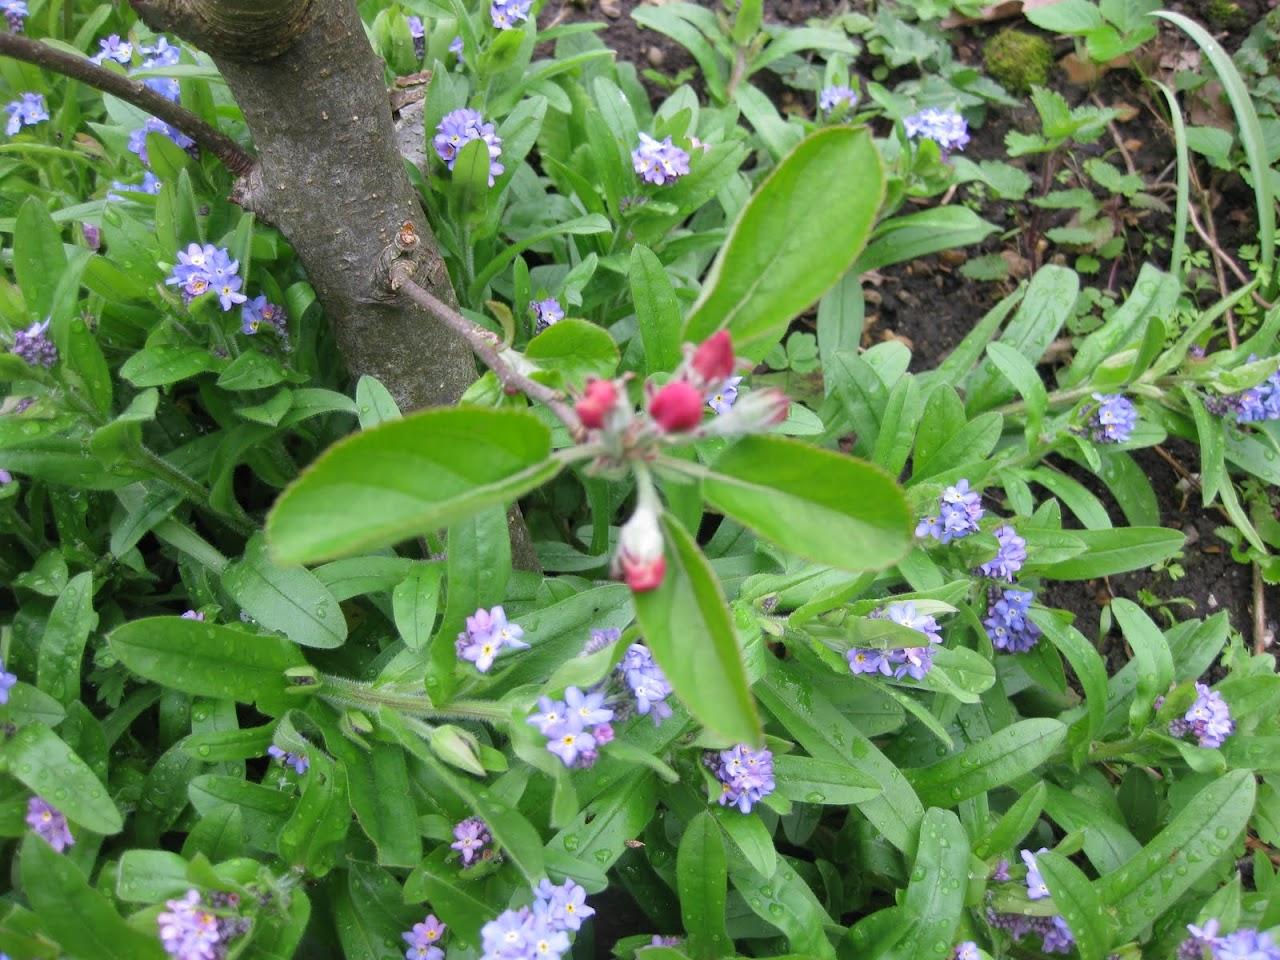 appelbloesem en vergeet-me-nietjes in de tuin